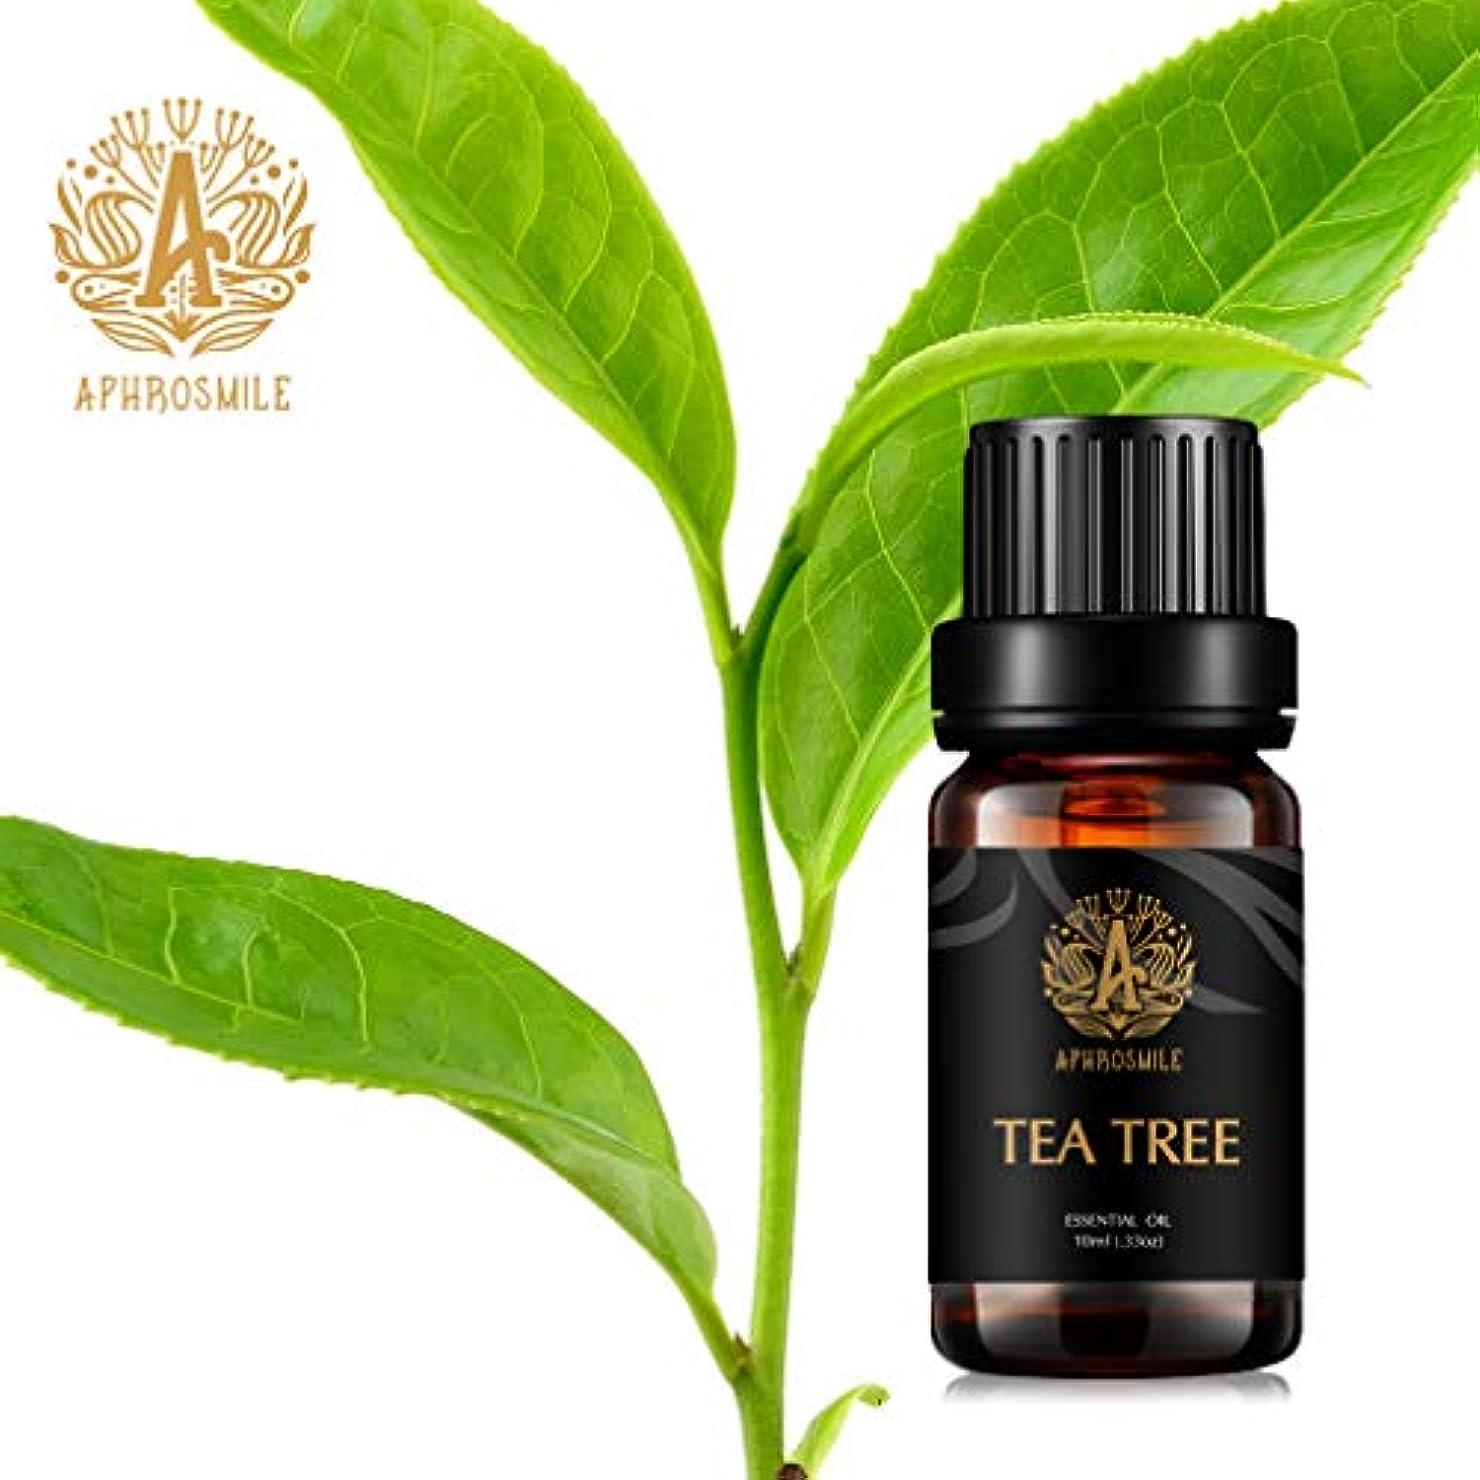 遅いフォーマルハイキングティーツリーの精油、100%純粋なアロマセラピーエッセンシャルオイルティーツリーの香りは、ストレスを解消、治療用グレードエッセンシャルオイルティーツリーの香り、のためディフューザー、マッサージ、加湿器、デイリーケア、0.33オンス-10ml